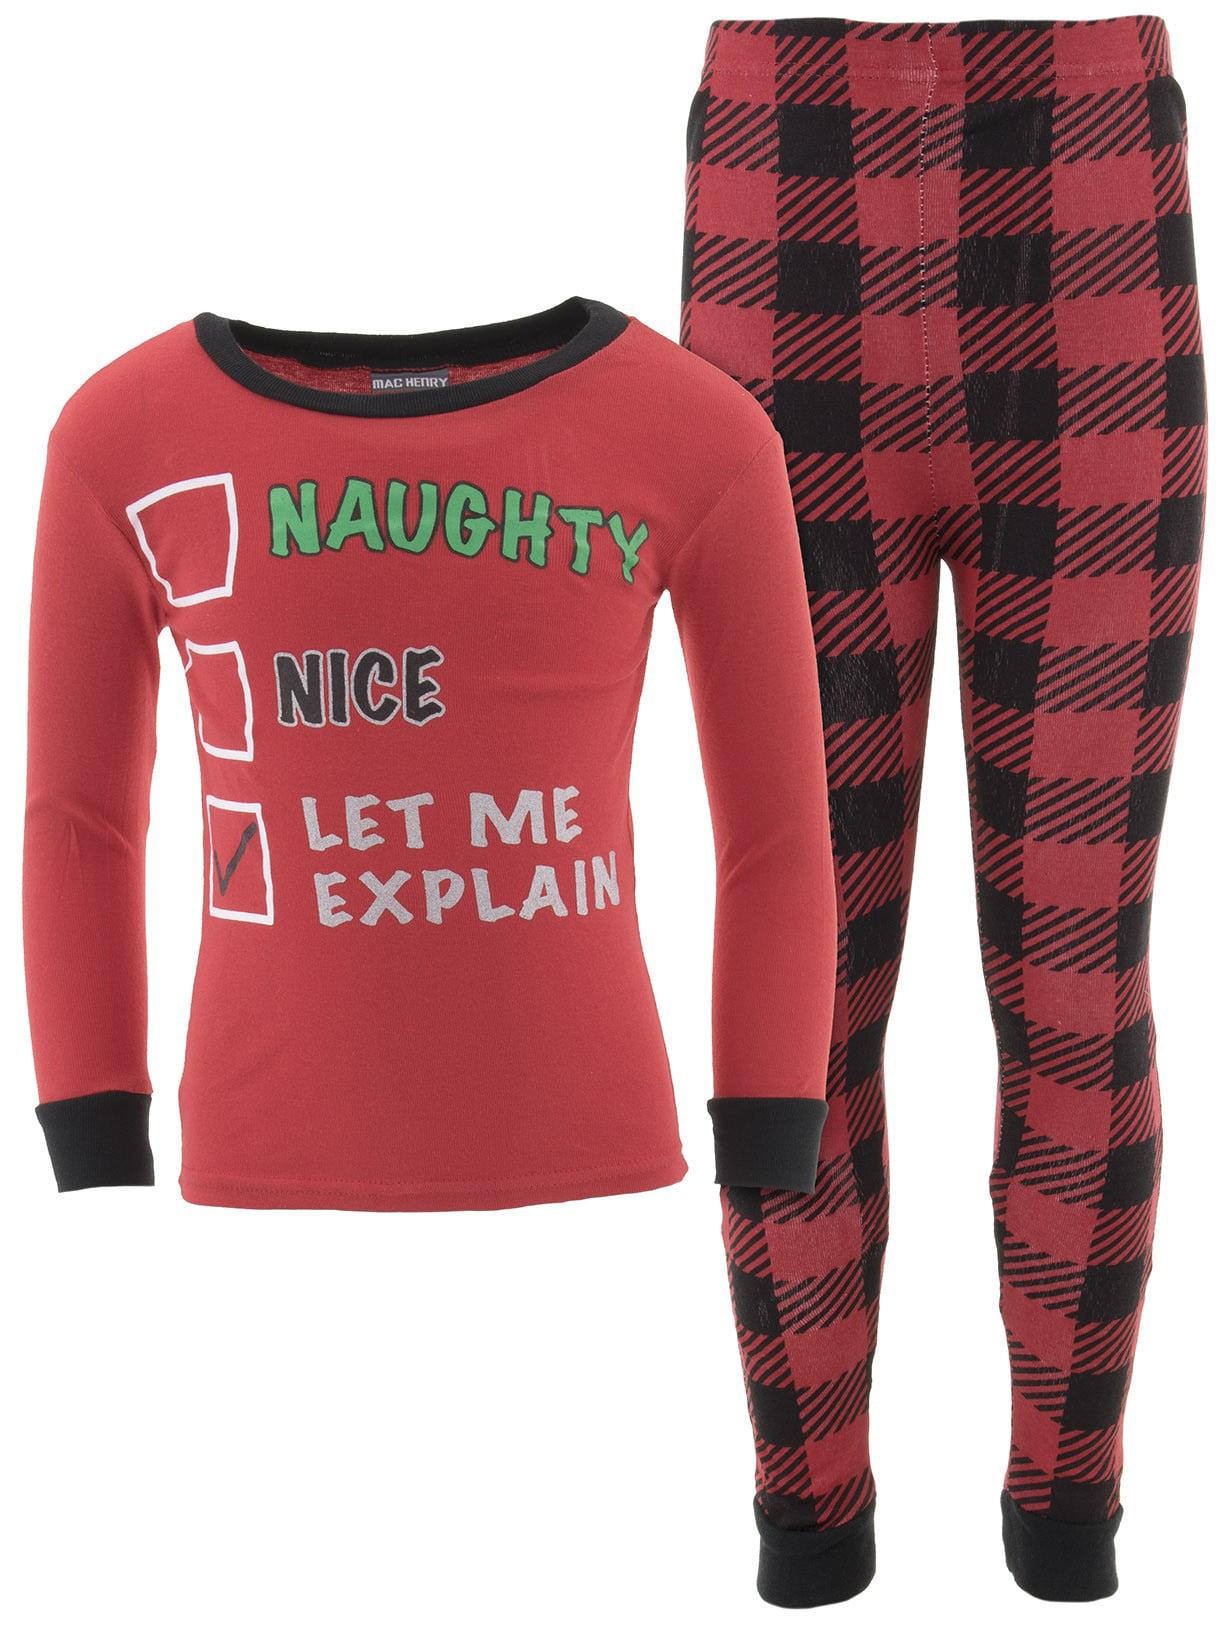 MacHenry Boys Let Me Explain Cotton Pajamas